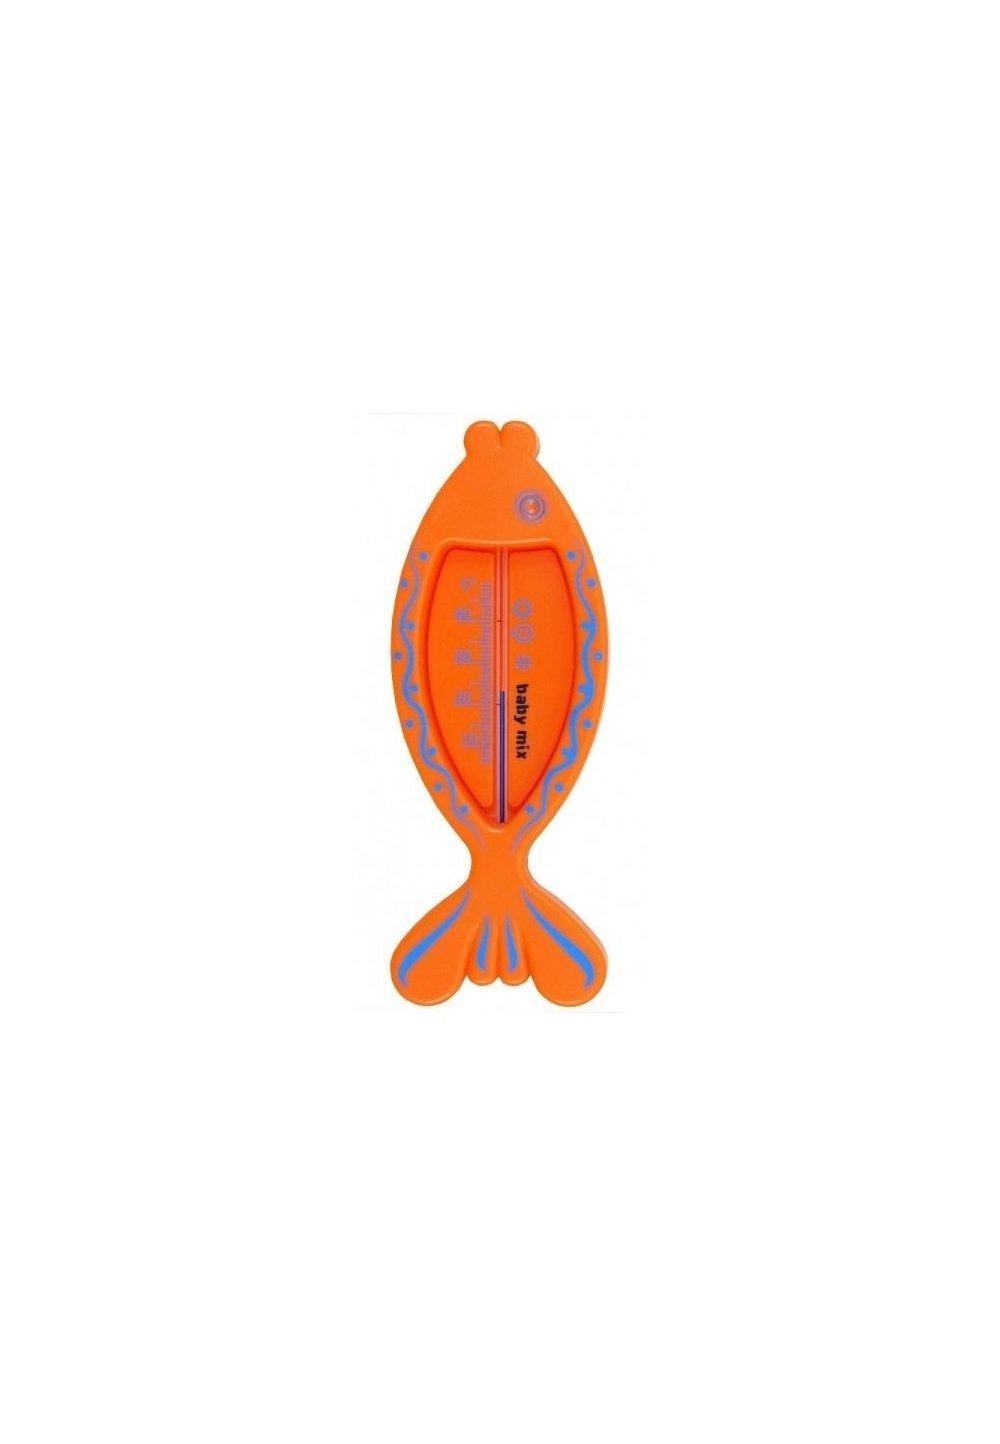 Termometru pentru baie, pestisor portocaliu imagine